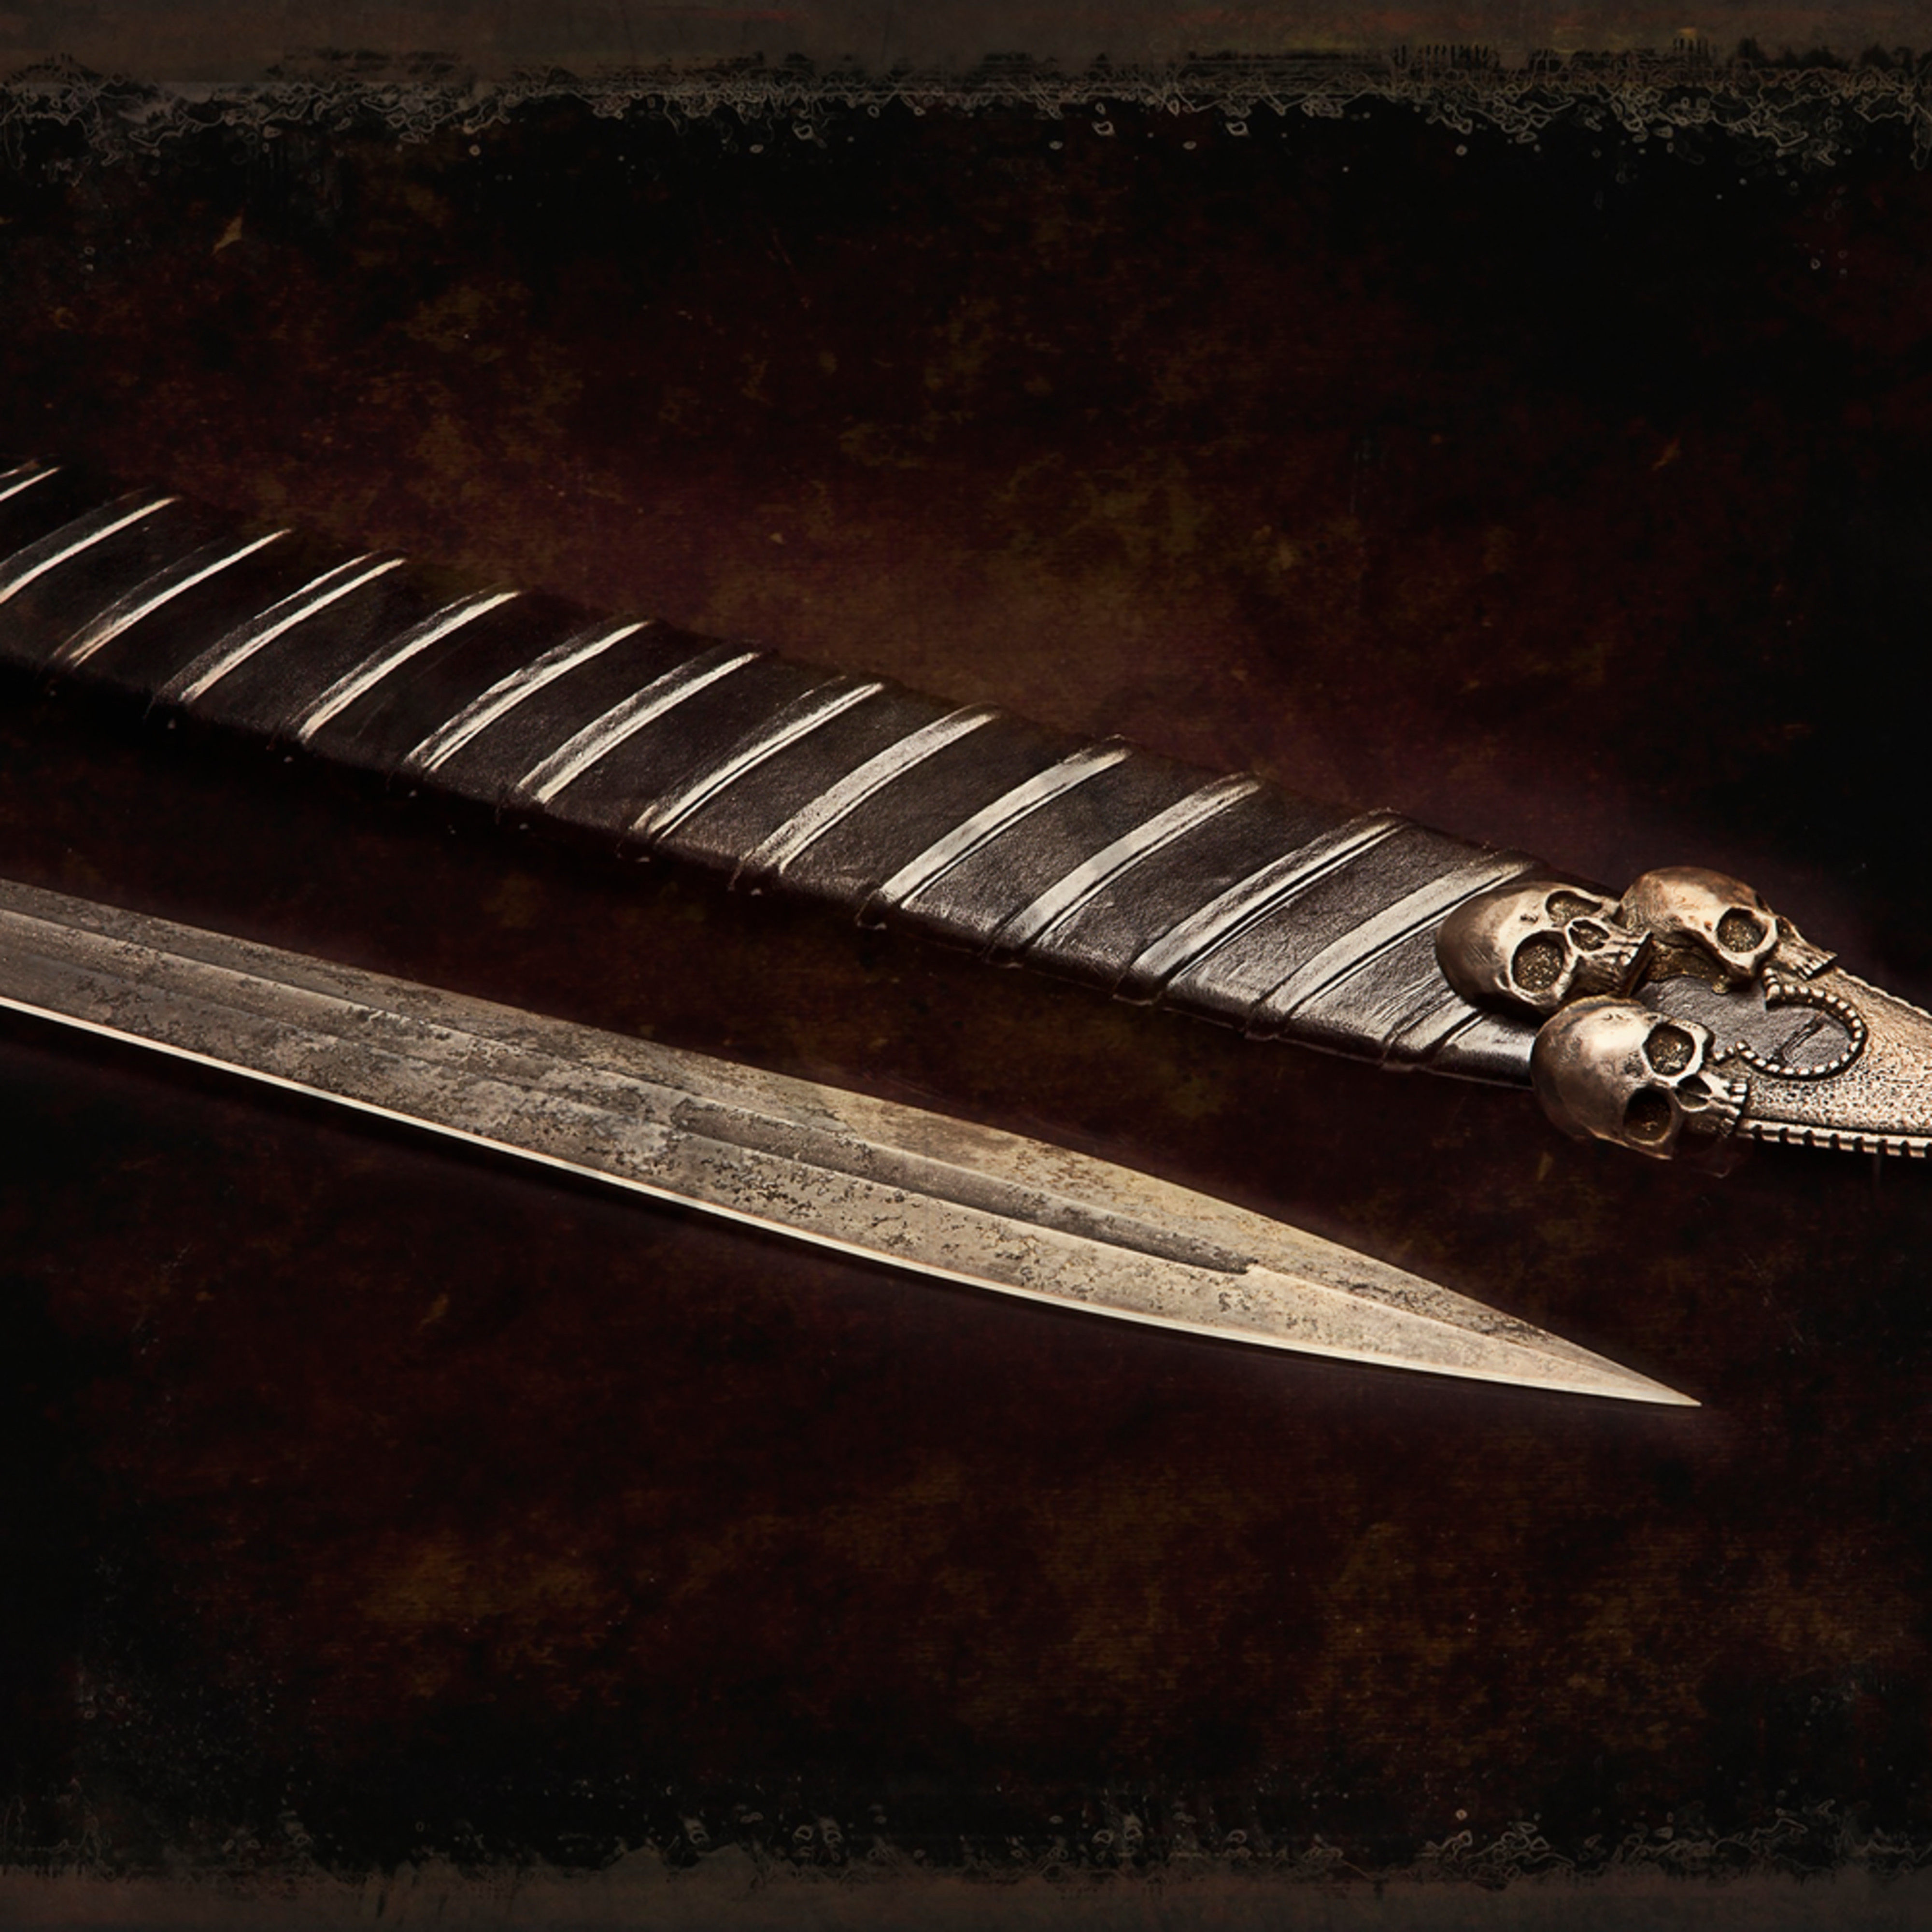 Mideval swordfinal vivggx